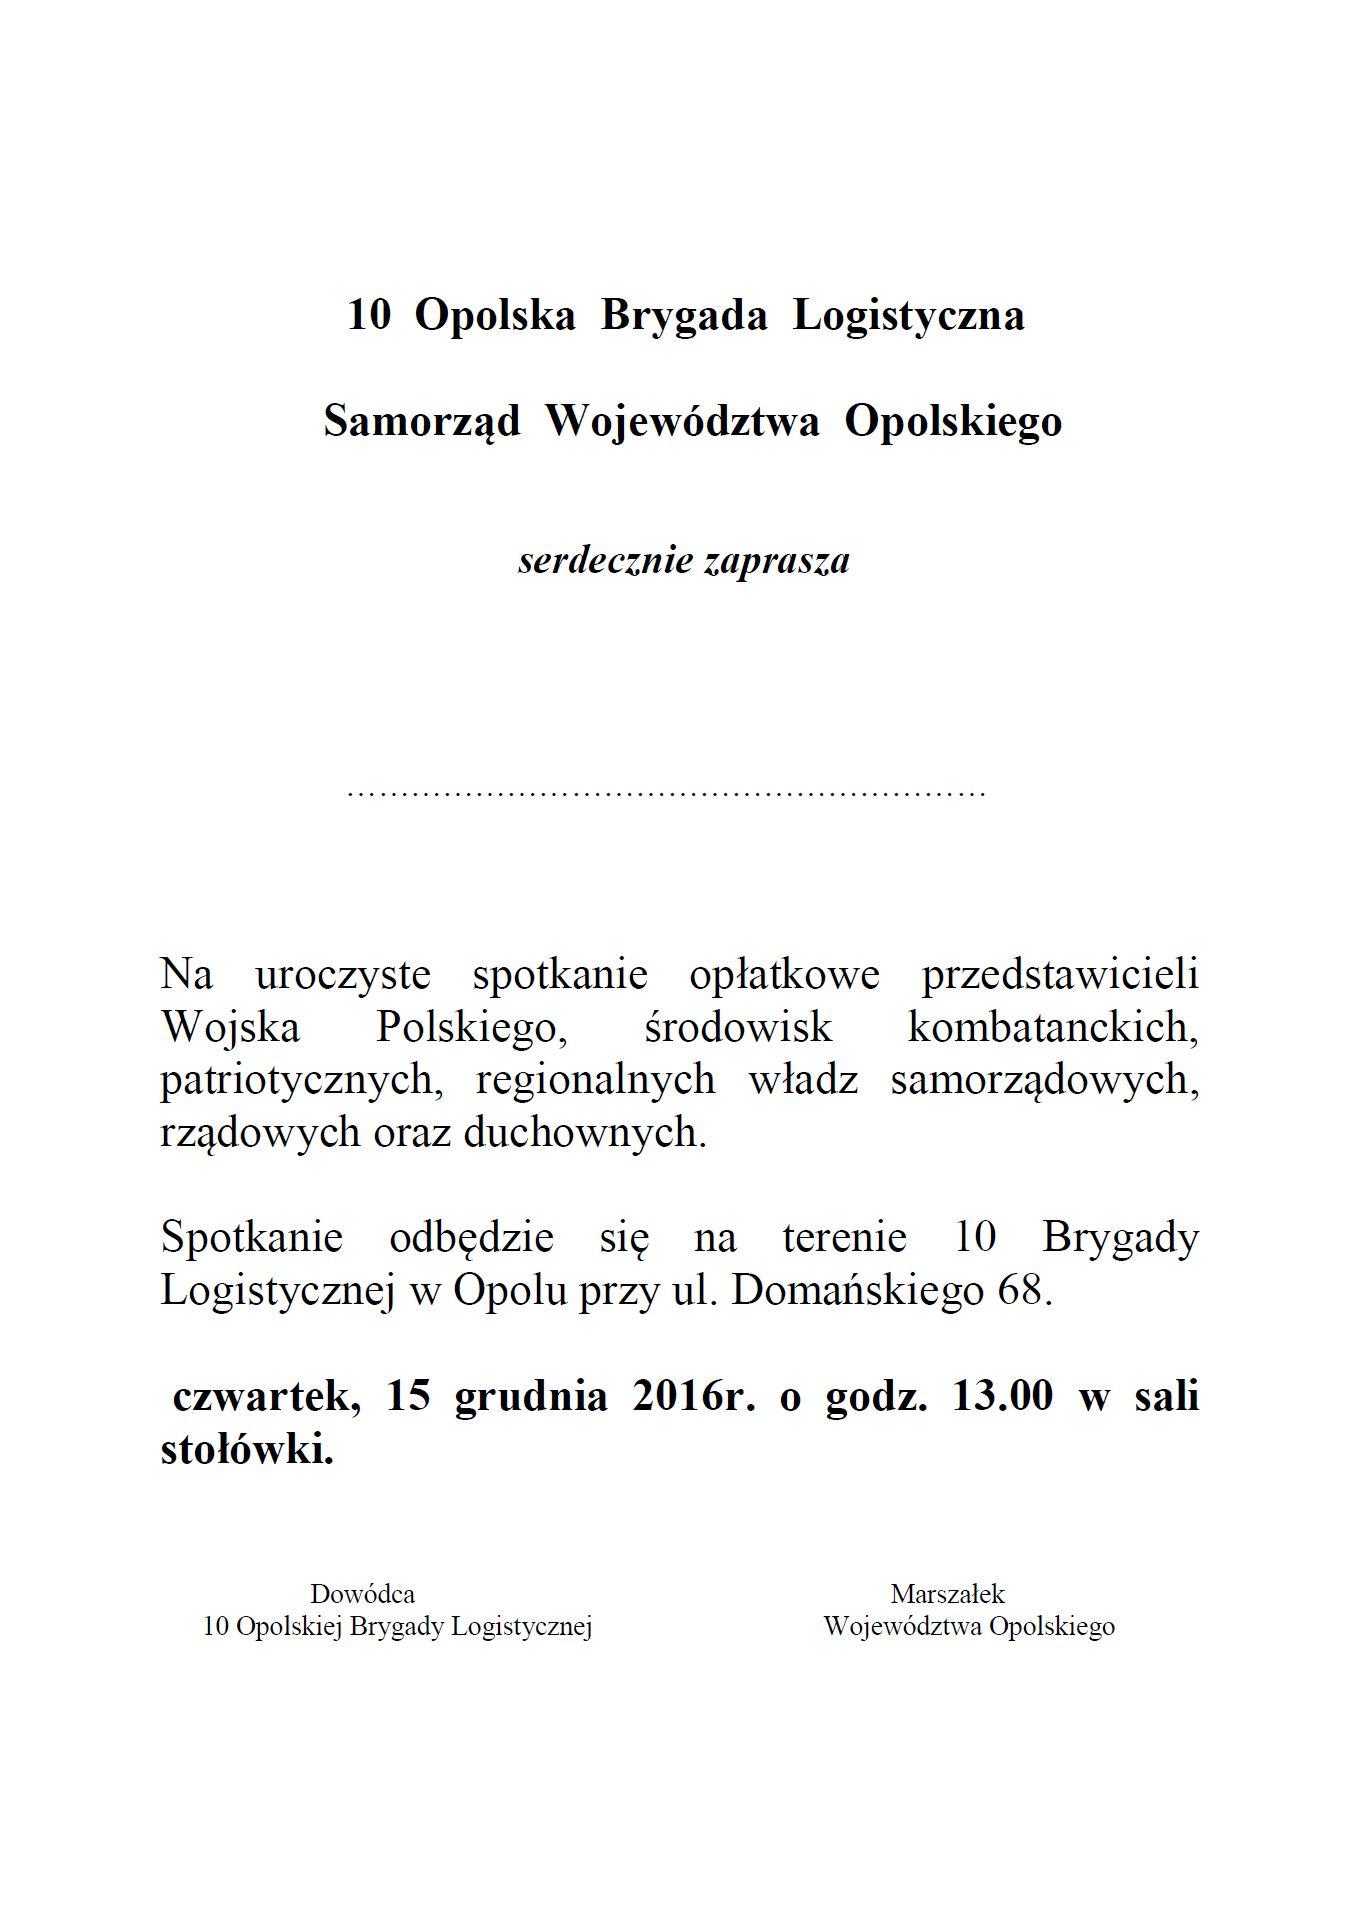 zaproszenie-oplatek-2016r_brygada